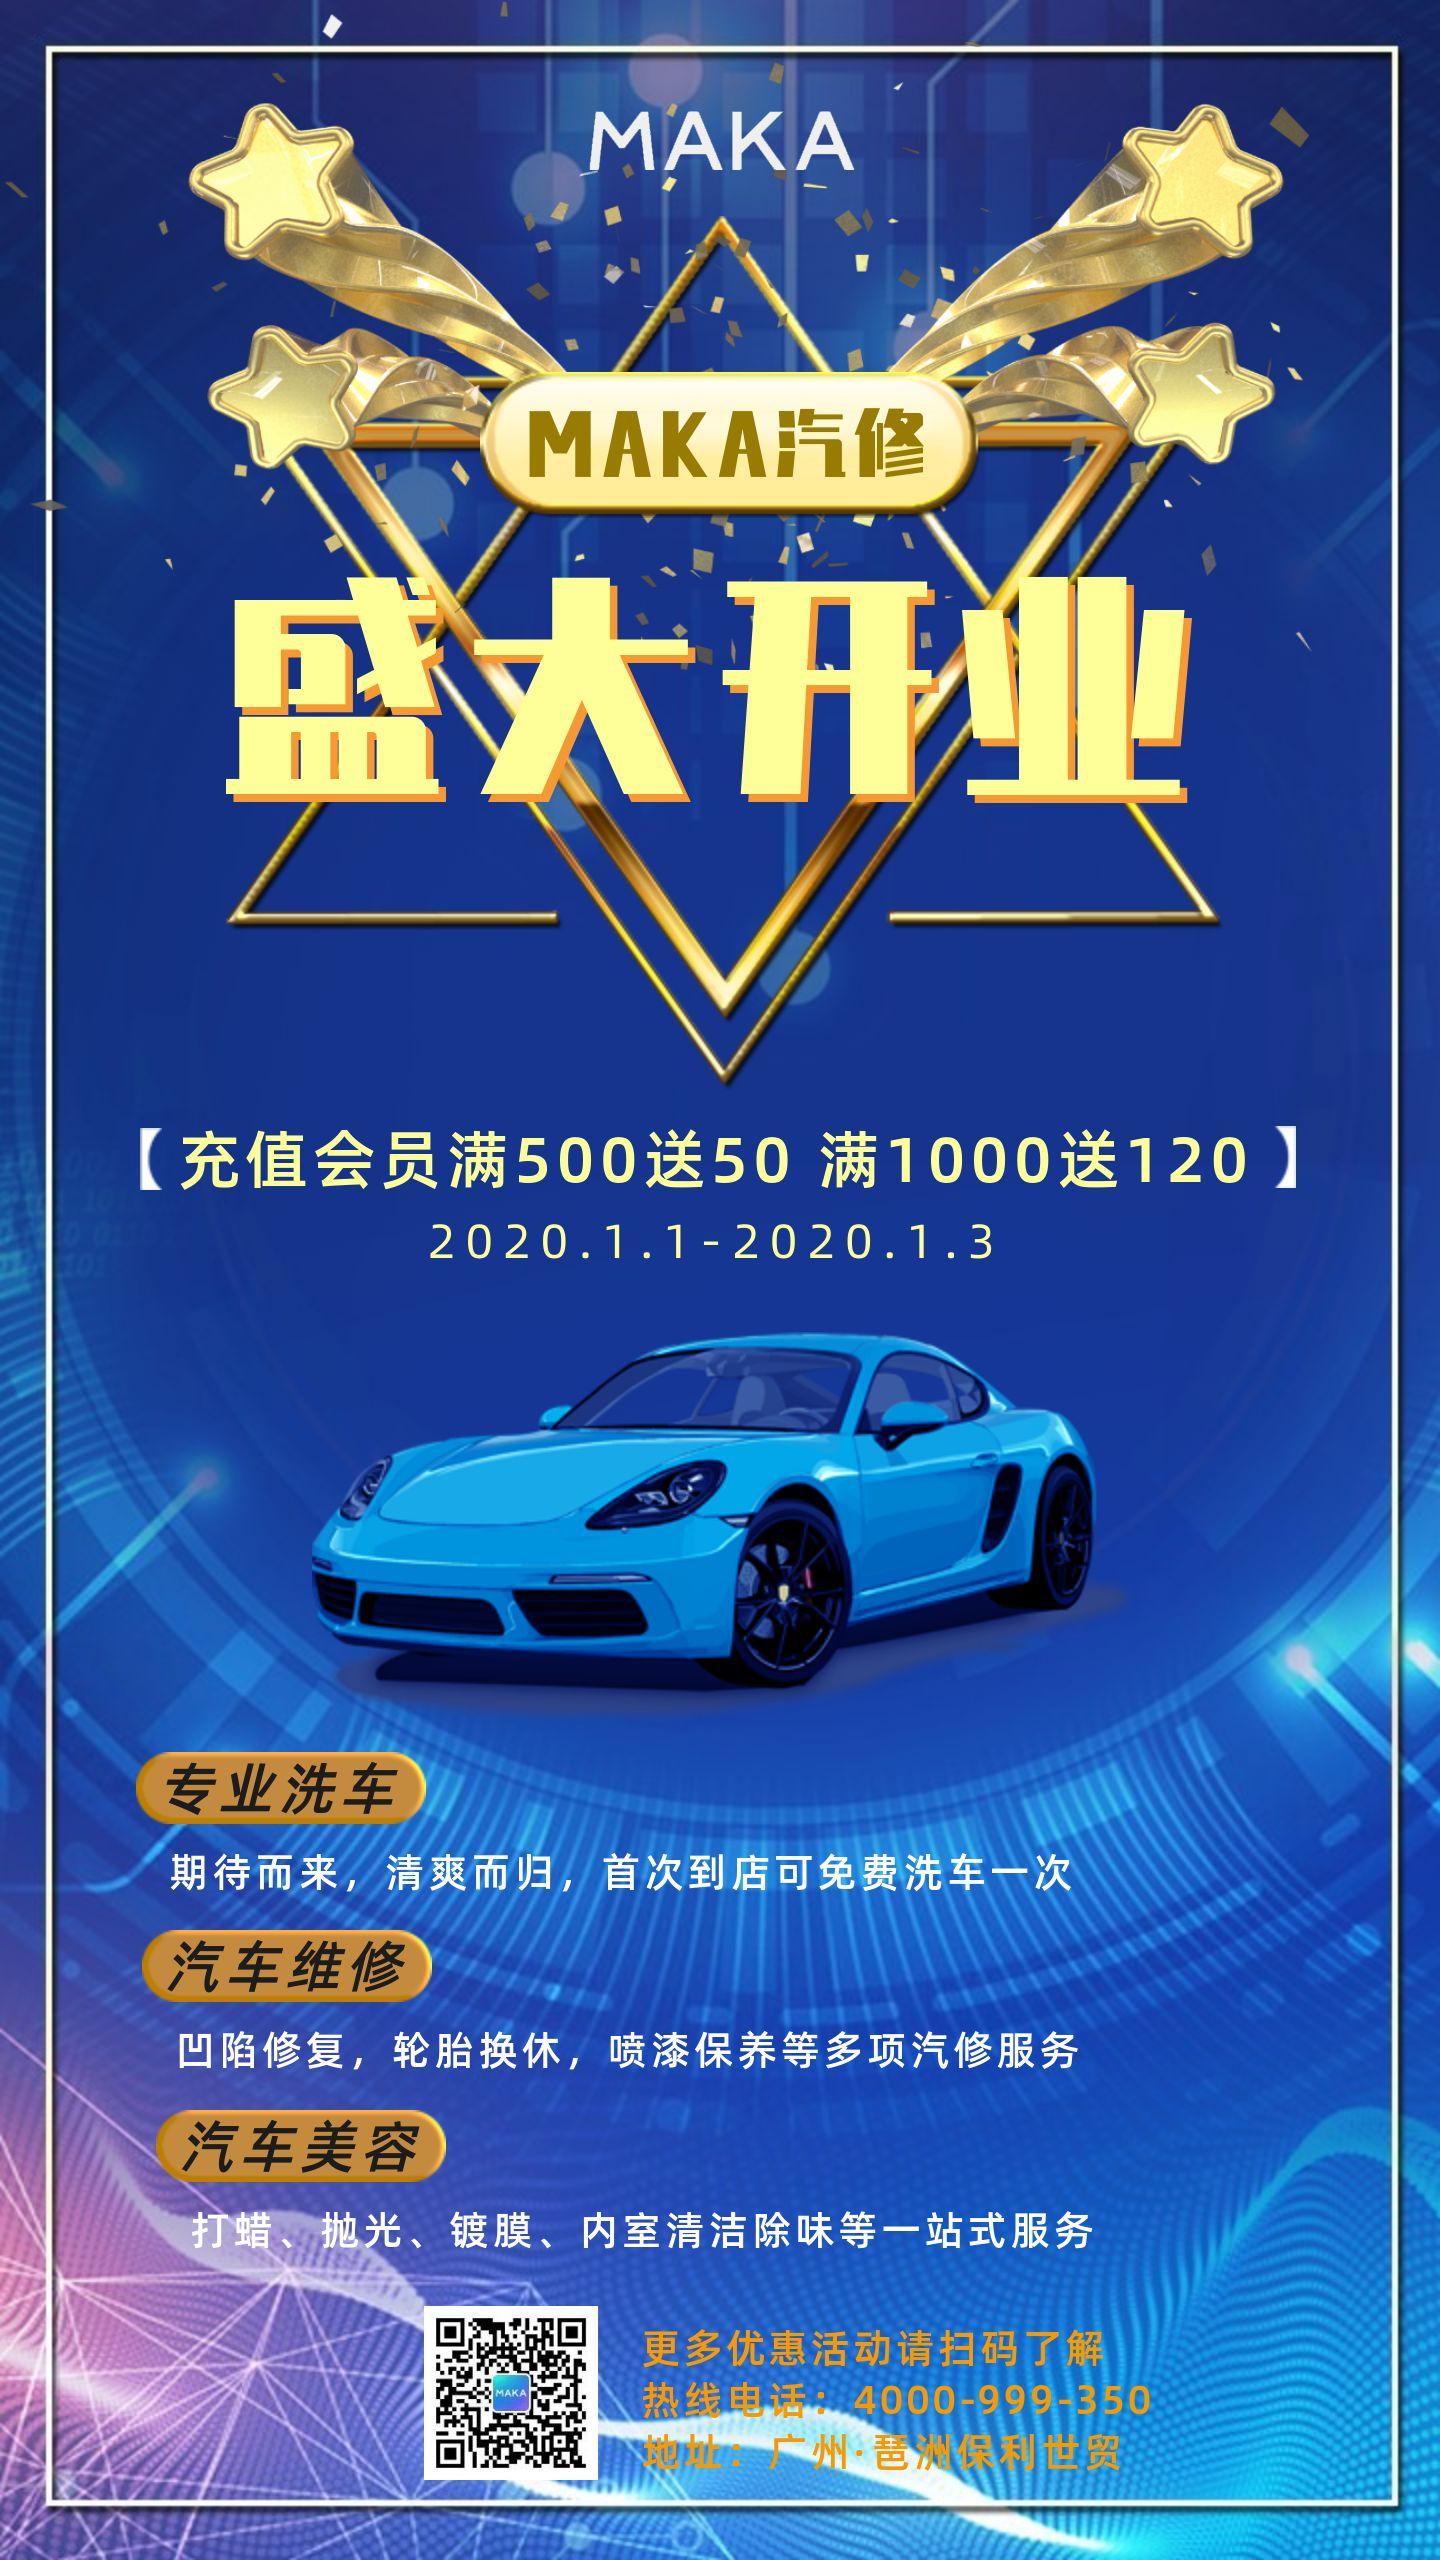 蓝色科技汽车行业盛大开业活动宣传海报